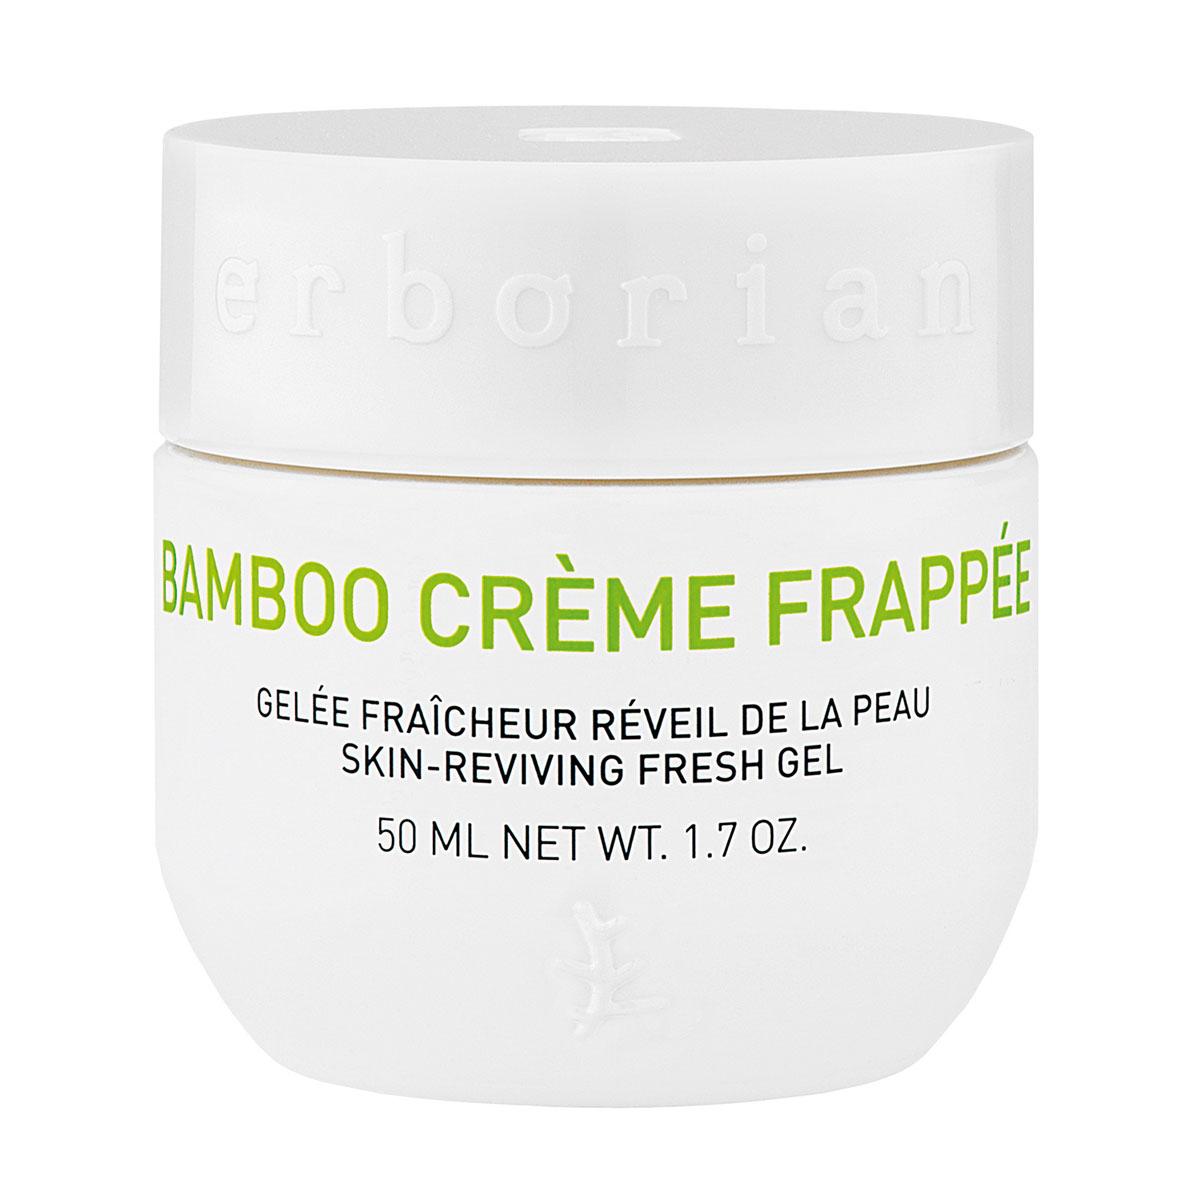 Erborian BAMBOO крем-фраппе для лица 50 мл781106Как ледяной водопад, Бамбук крем-фраппе дарит коже мгновенный бодрящий эффект. Крем обладает тающей текстурой, при контакте с кожей сразу дарит ей заряд свежести и увлажнения. Мгновенновпитываясь, он пробуждает кожу, которая выглядит более свежей, мягкой и гладкой сразу после применения.